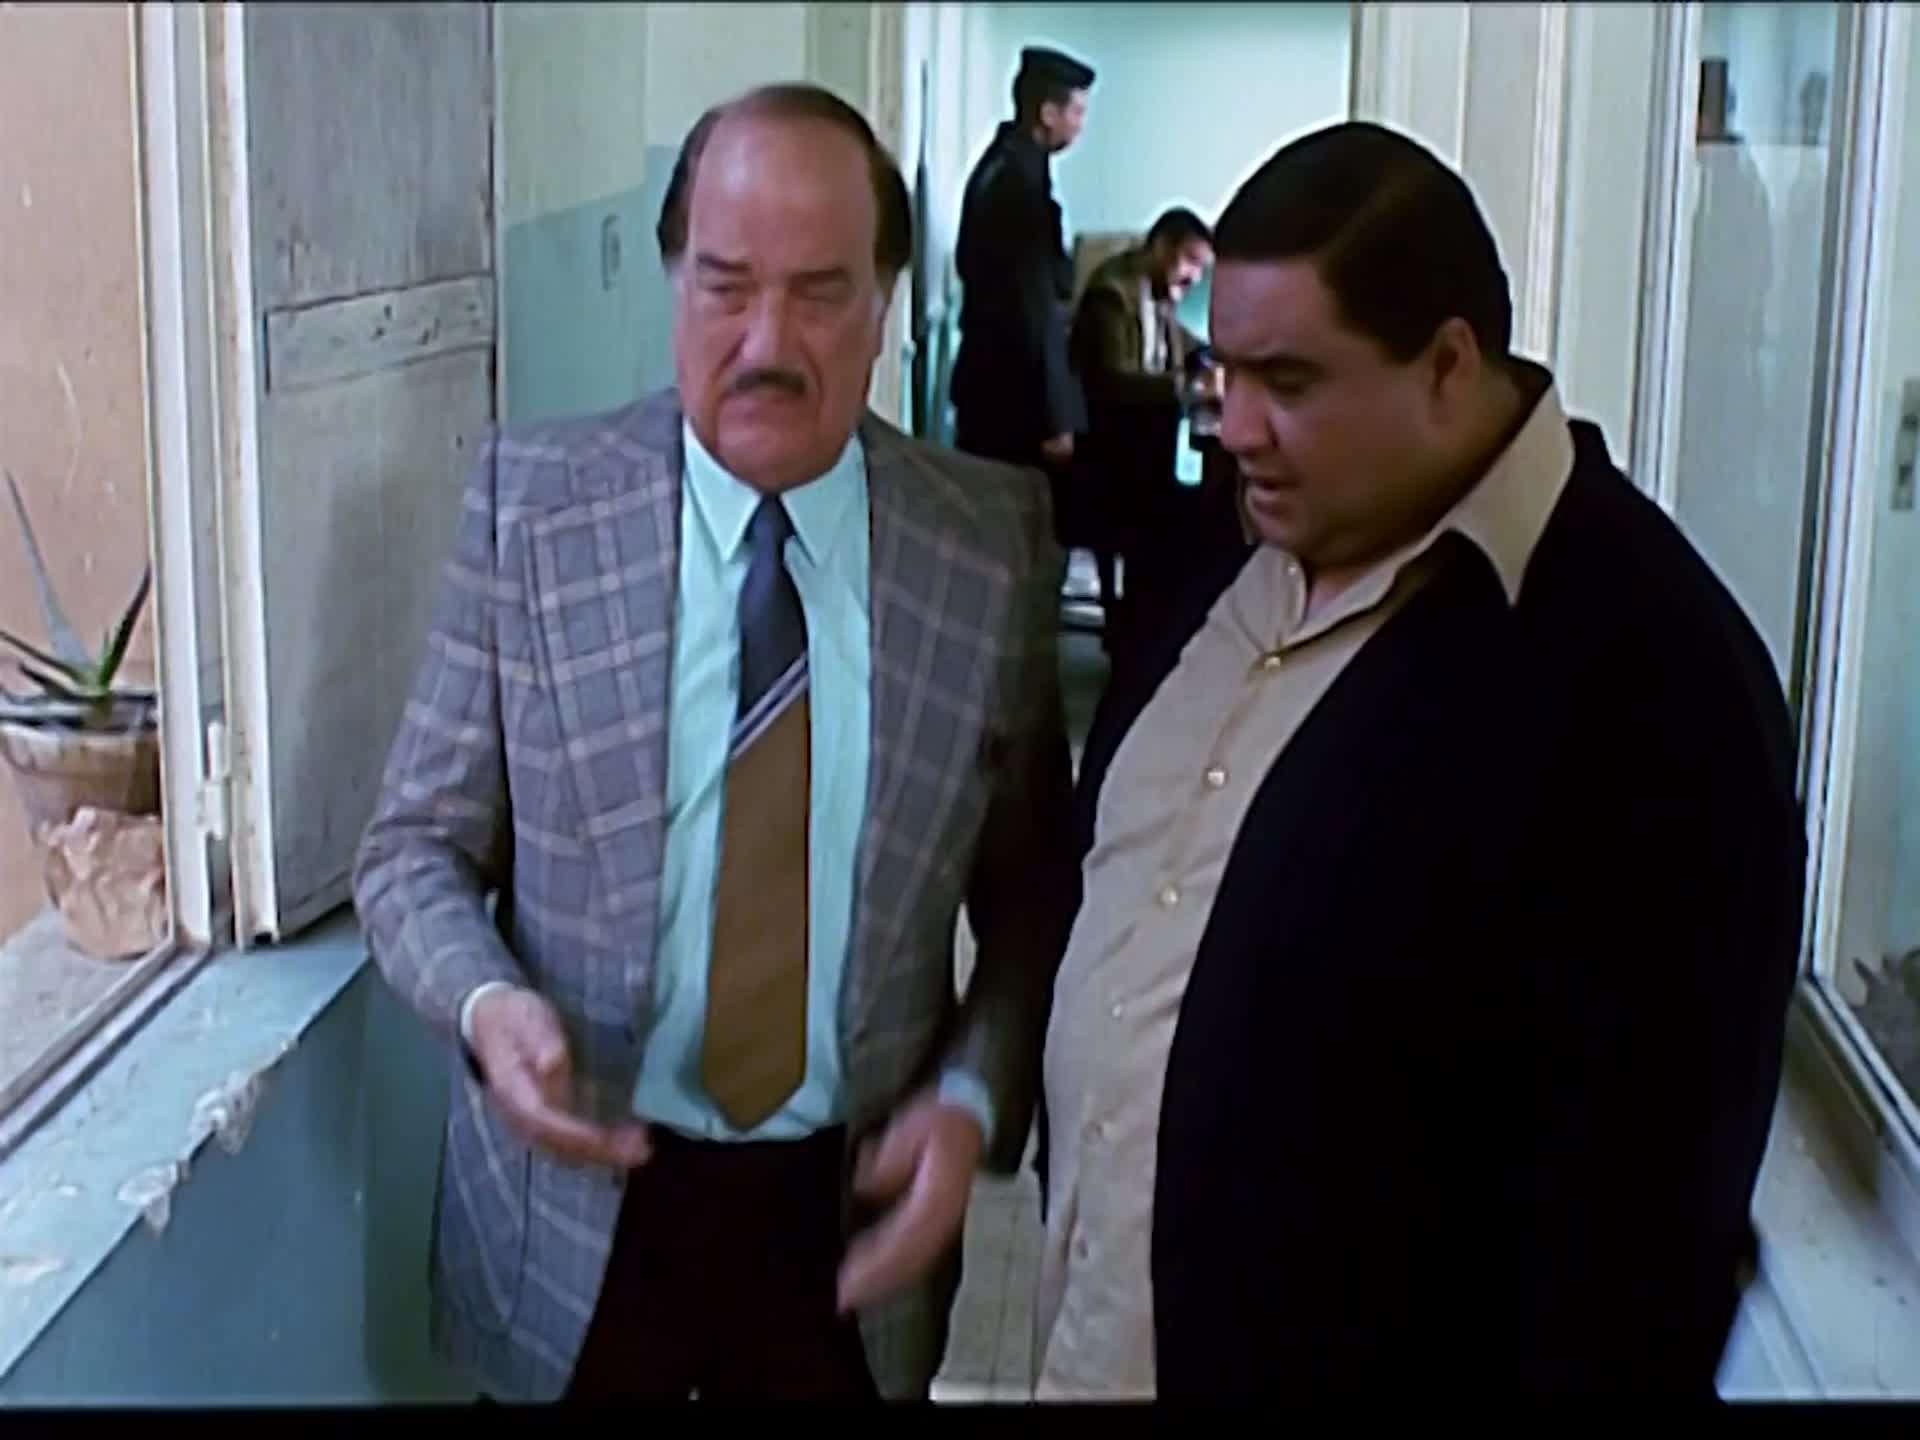 [فيلم][تورنت][تحميل][الناظر][2000][1080p][Web-DL] 9 arabp2p.com